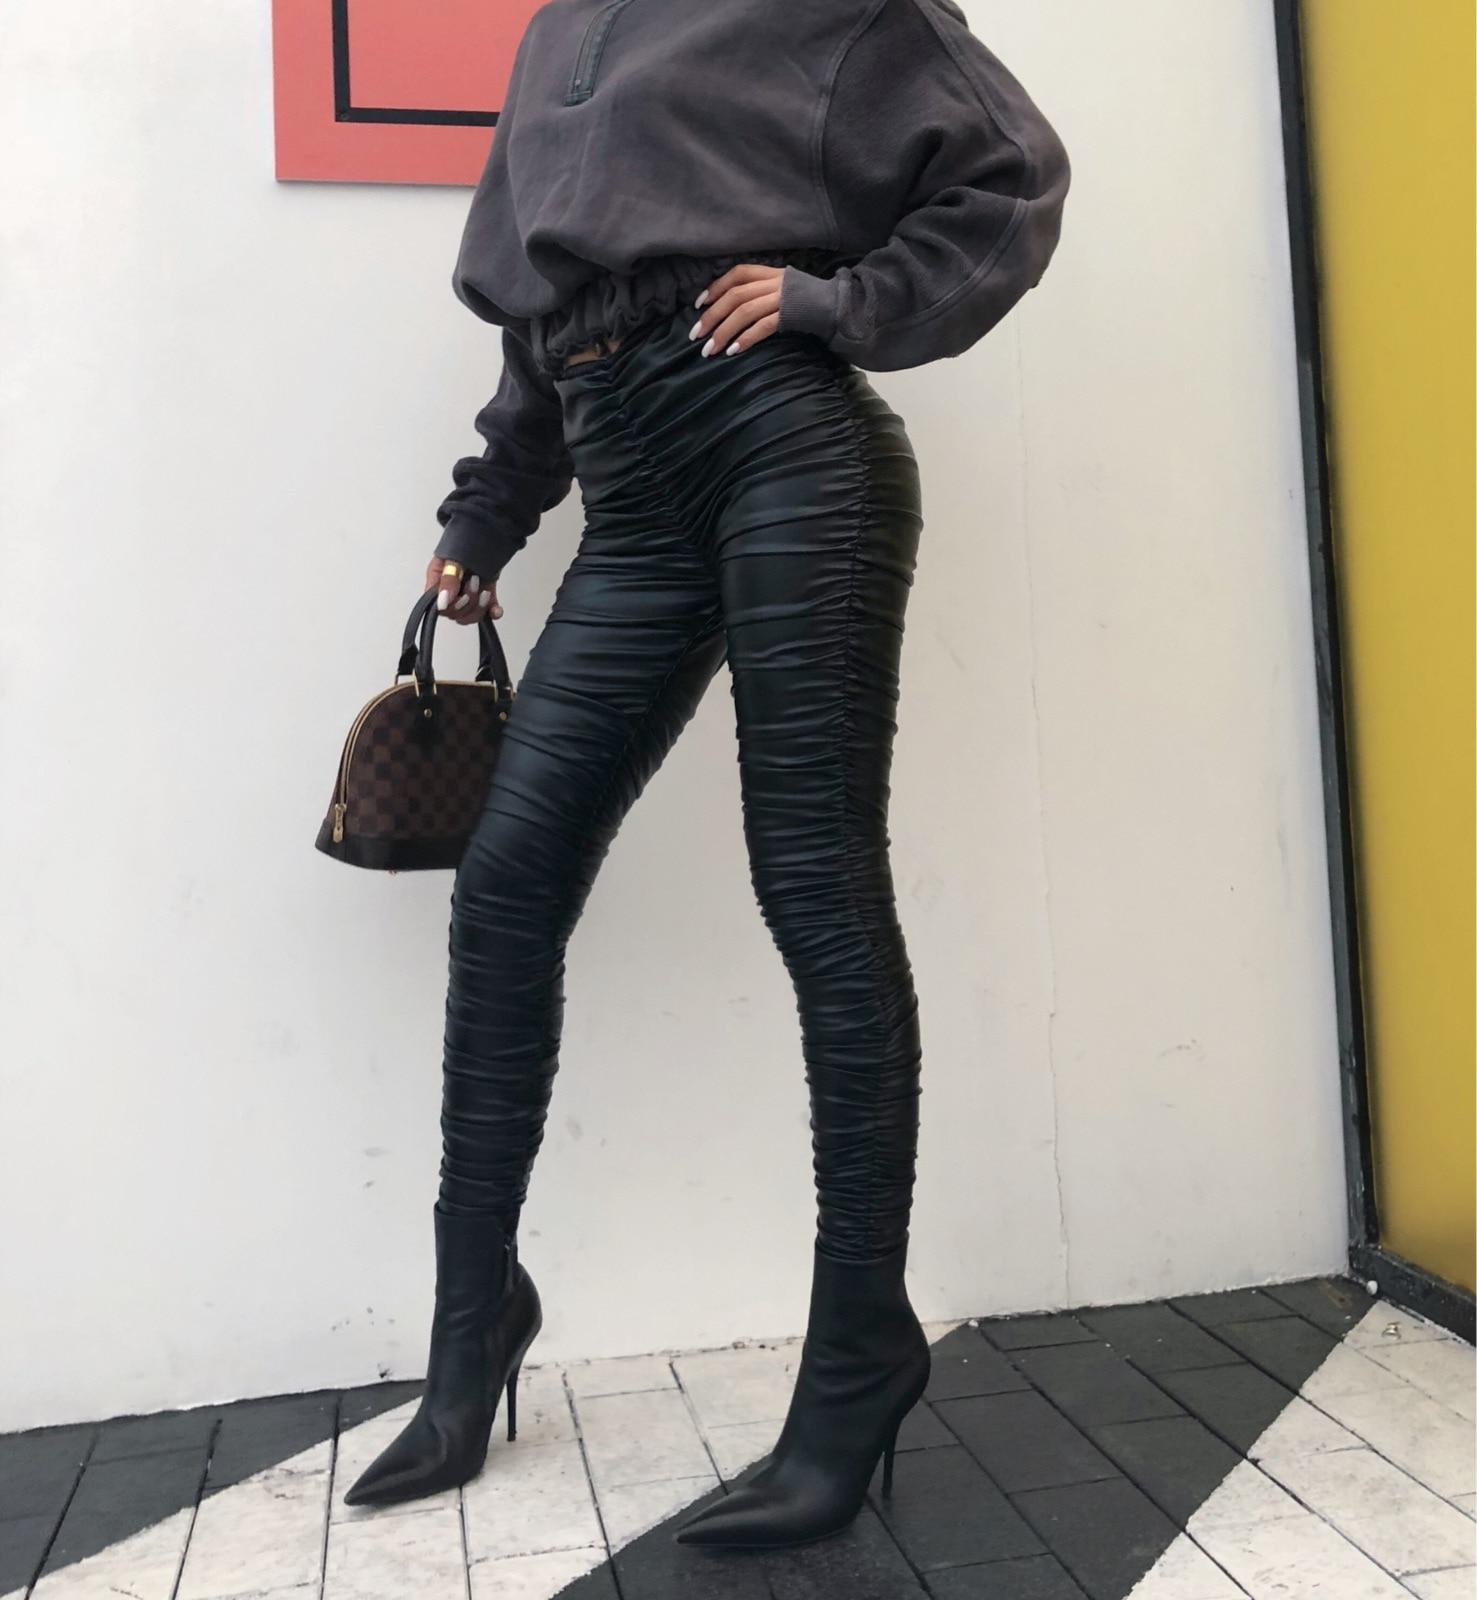 Pantalon Palazzo pantalon régulier offre spéciale Faux cuir 2018 nouveau pantalon femme robe de rue plis complets grand élastique Pu femmes